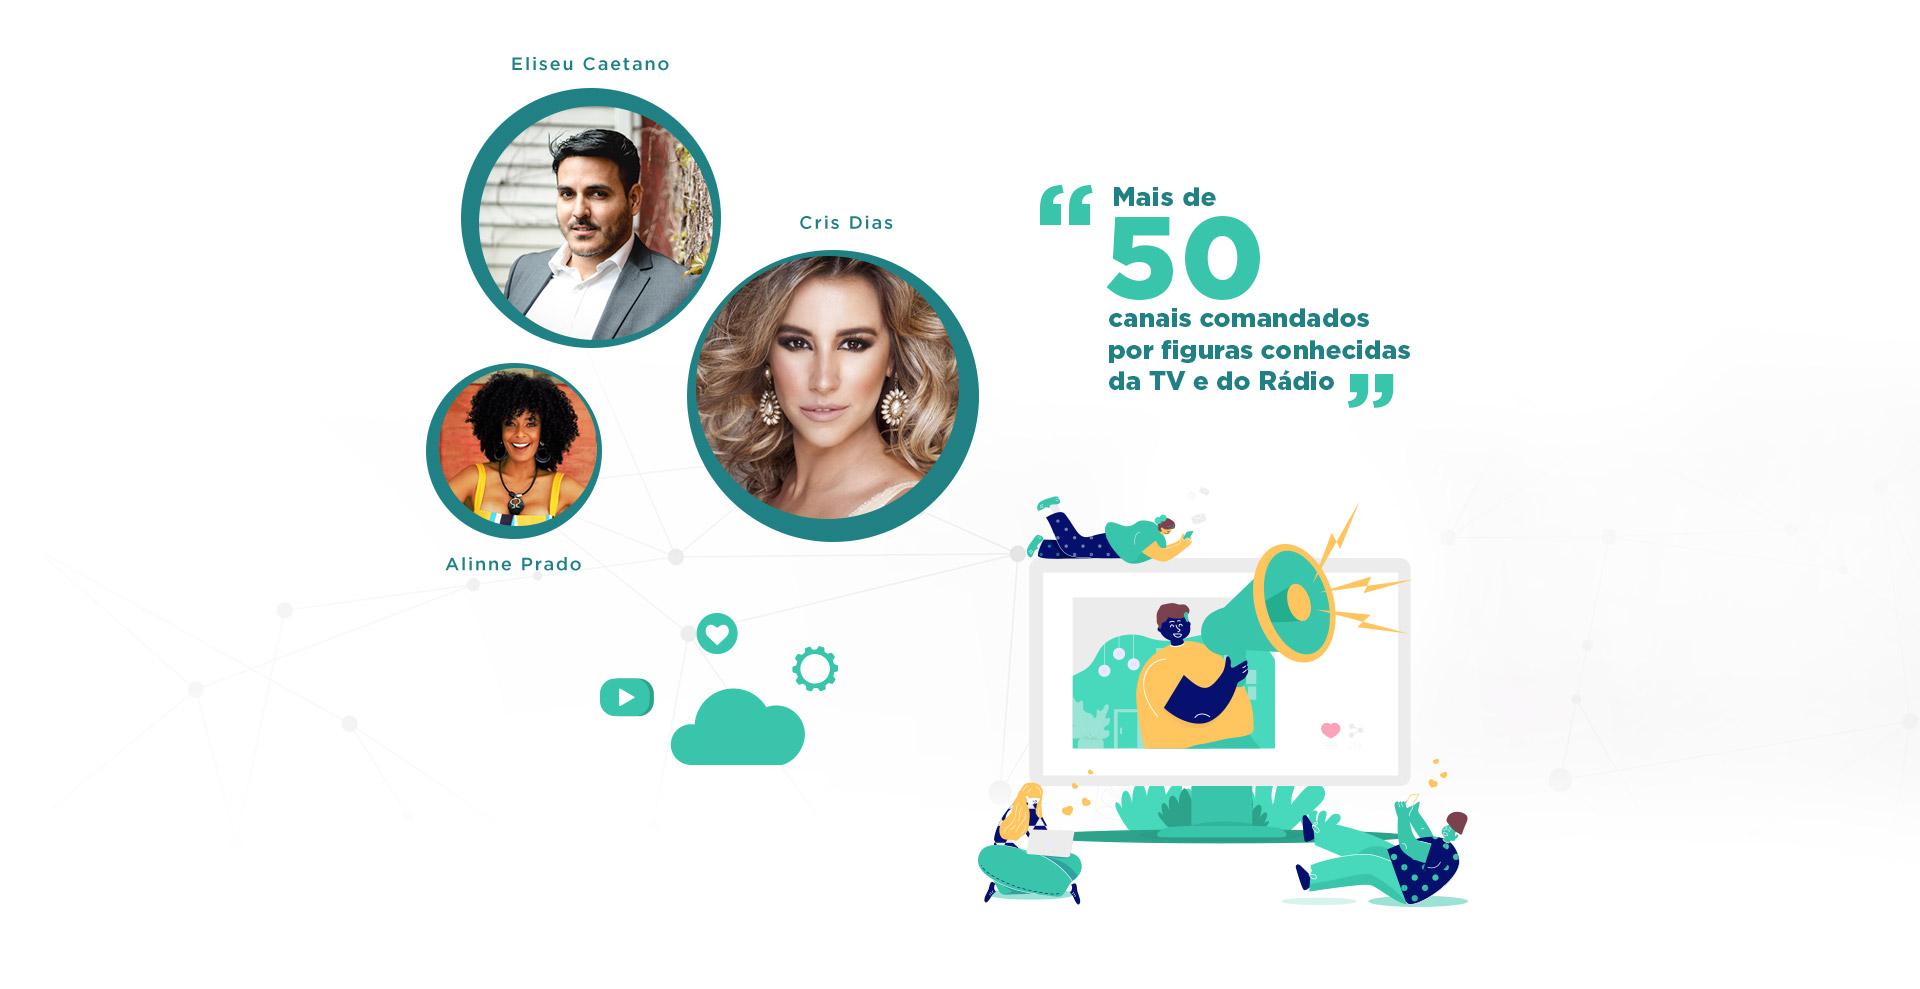 Associados Eliseu Caetano, Cris Dias e Alinne Prado - Case ClickTube